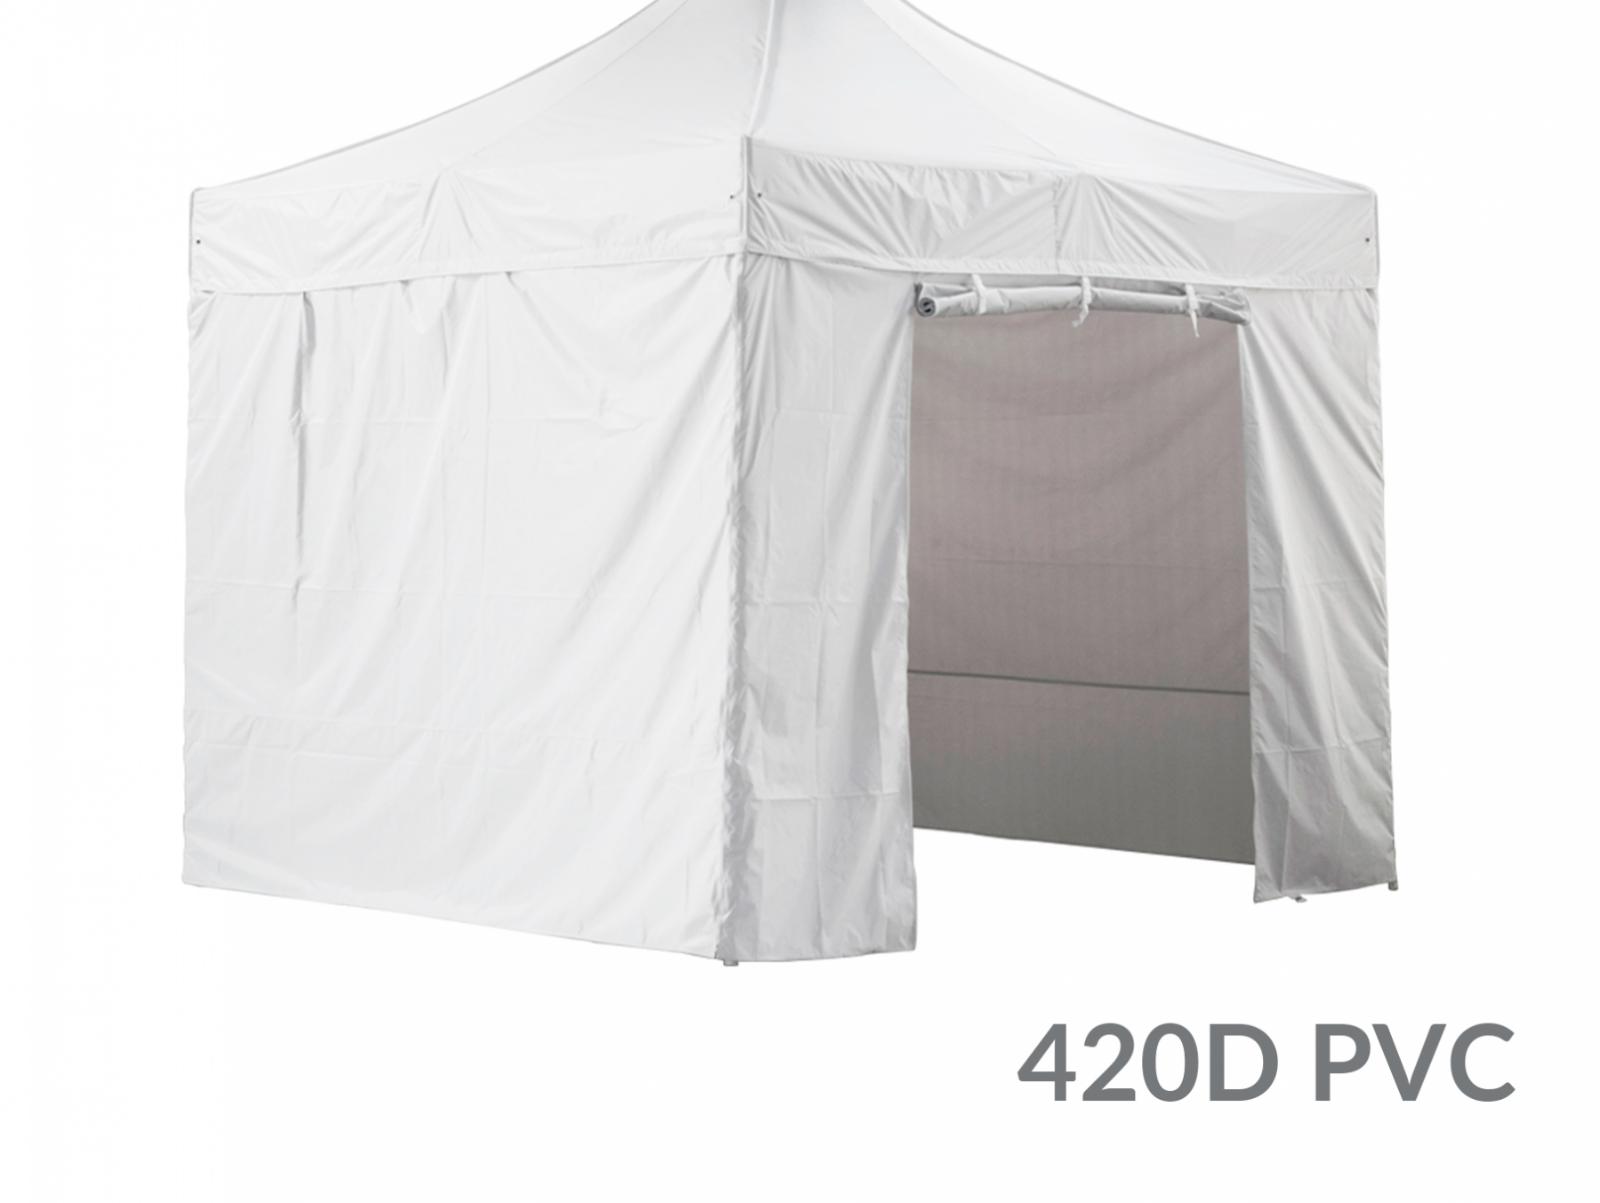 Pack 4 CÔTÉS - 3 Murs Pleins avec Une Porte 420D Polyester ENDUCTION PVC 2X3M